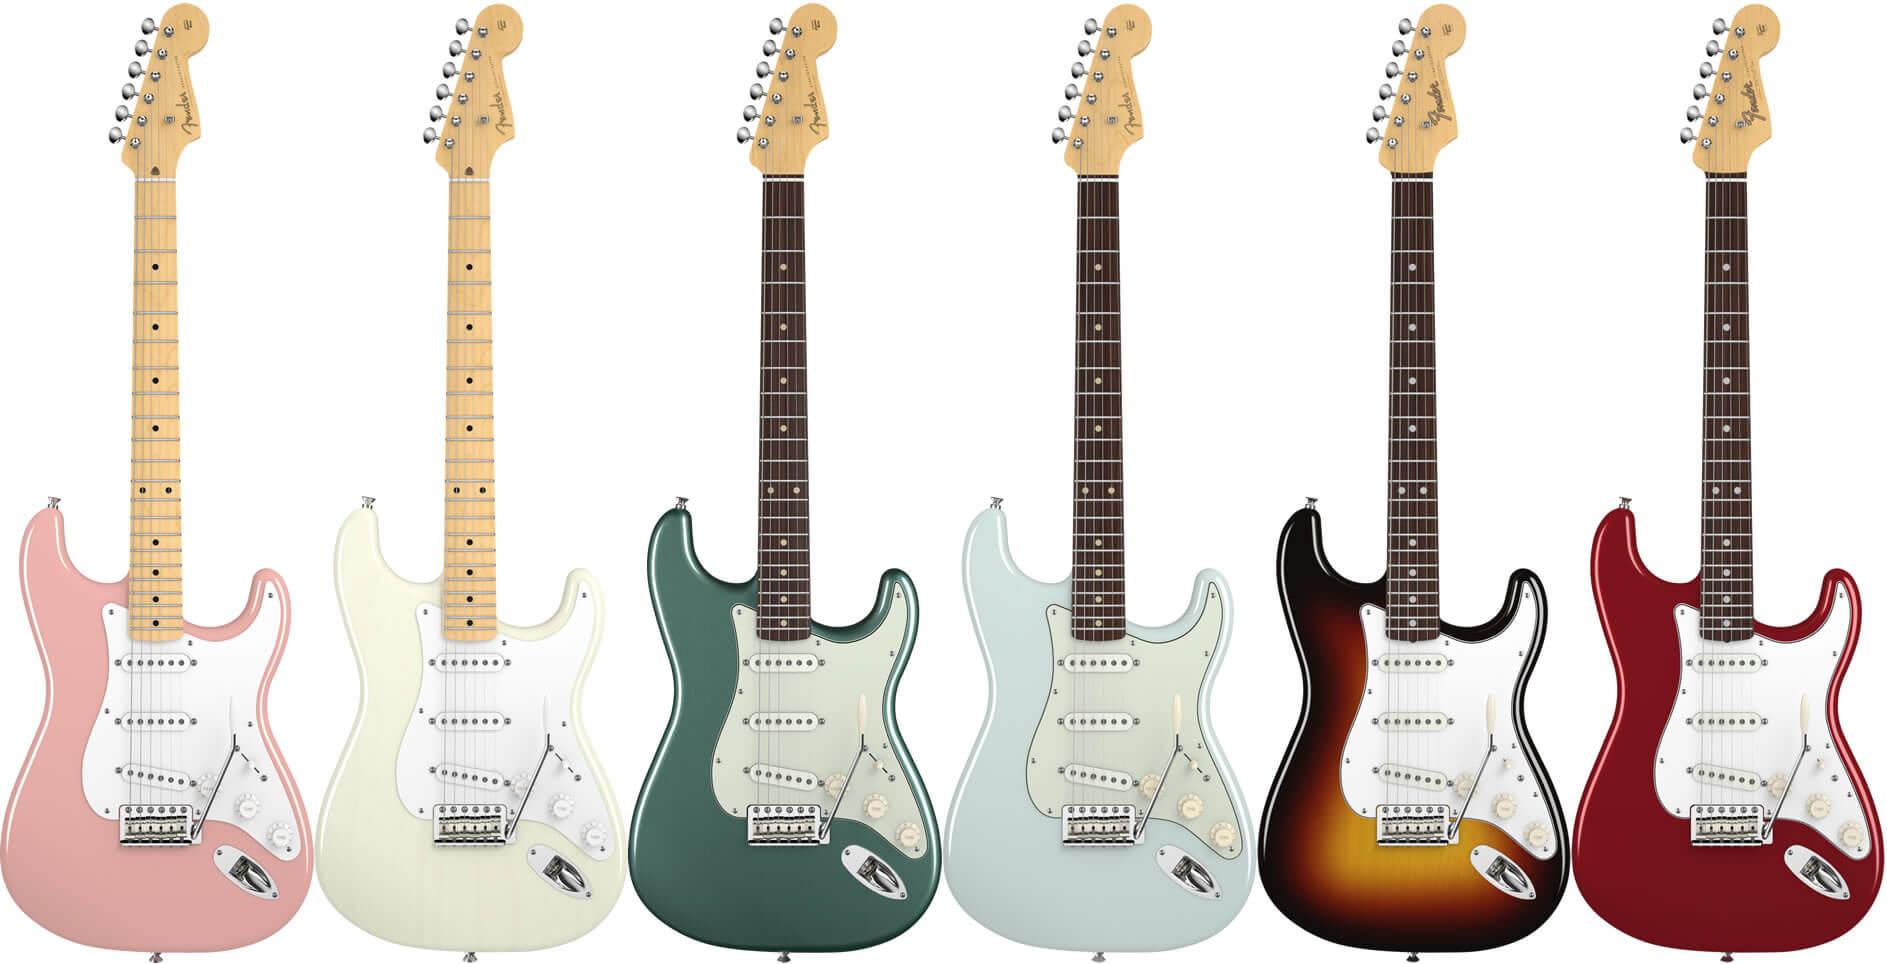 Fender AMERICAN VINTAGE Stratocaster